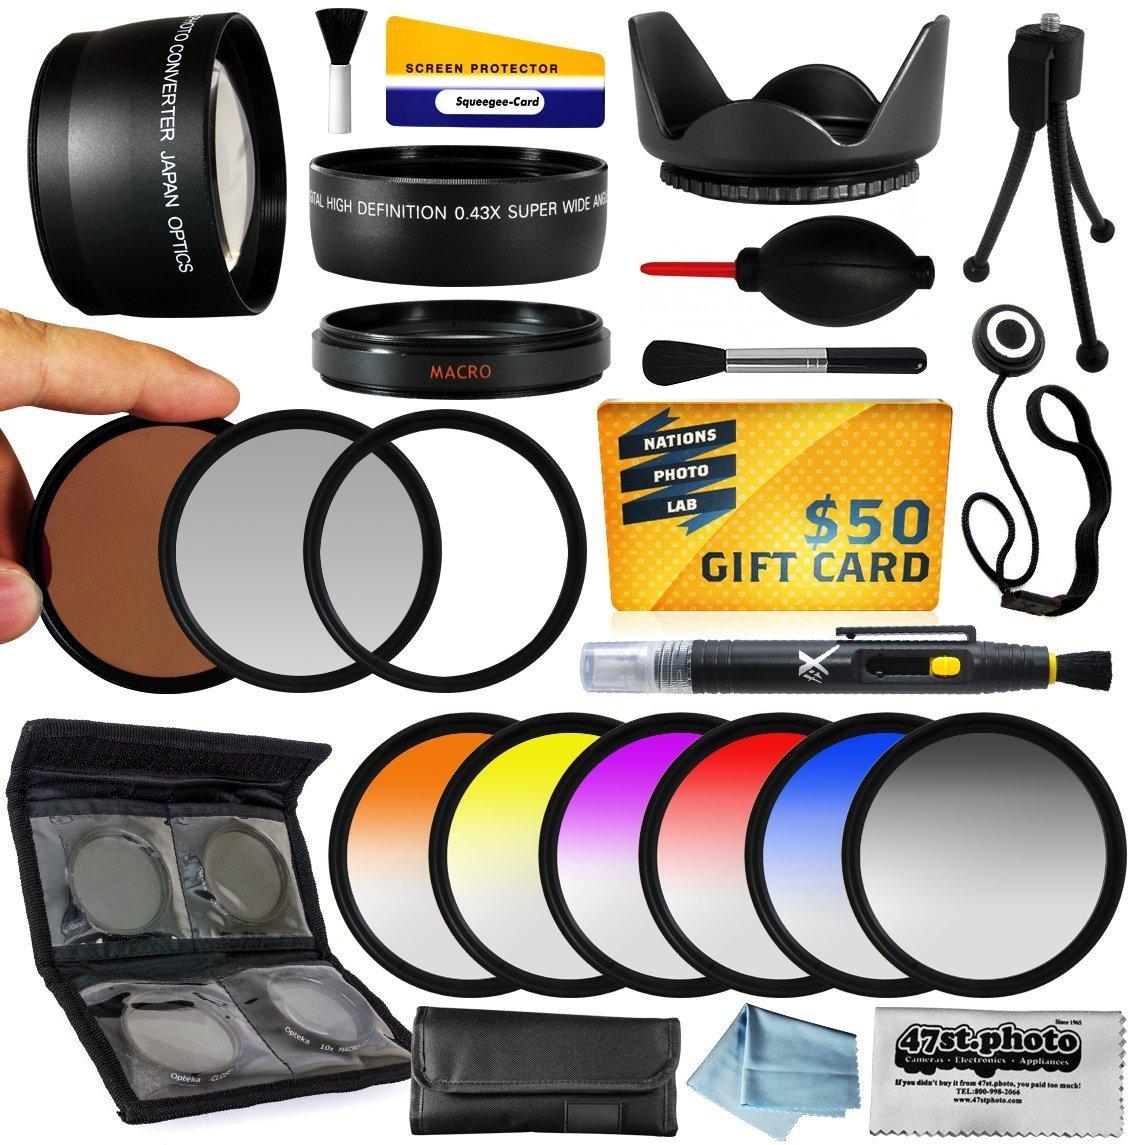 25ピース高度なレンズパッケージfor the Nikon xマクロレンズ) Coolpix + p7700デジタルカメラは0.43 X hd2広角パノラママクロ魚眼レンズレンズ+ 2.2 with X HD AF望遠レンズ+ 3 Piece ProフィルタキットUV、CPL、FLD+ 6 PieceマルチカラーGraduated Filter Set + 5 Pcクローズアップセット(+ 1 , + 2 , + 4 with 10 xマクロレンズ) +フラワーレンズフード+チューブアダプタ+デラックスレンズクリーニングキット+ 5pcレンズクリーニングペン+スナップオンレンズキャップ+送風機クリーナー+レンズキャップキーパーホルダー+ LCDスクリーンプロテクター+ミニ三脚+ 47stphoto B00K28BKU4, フロアーズ:5218cd87 --- ijpba.info